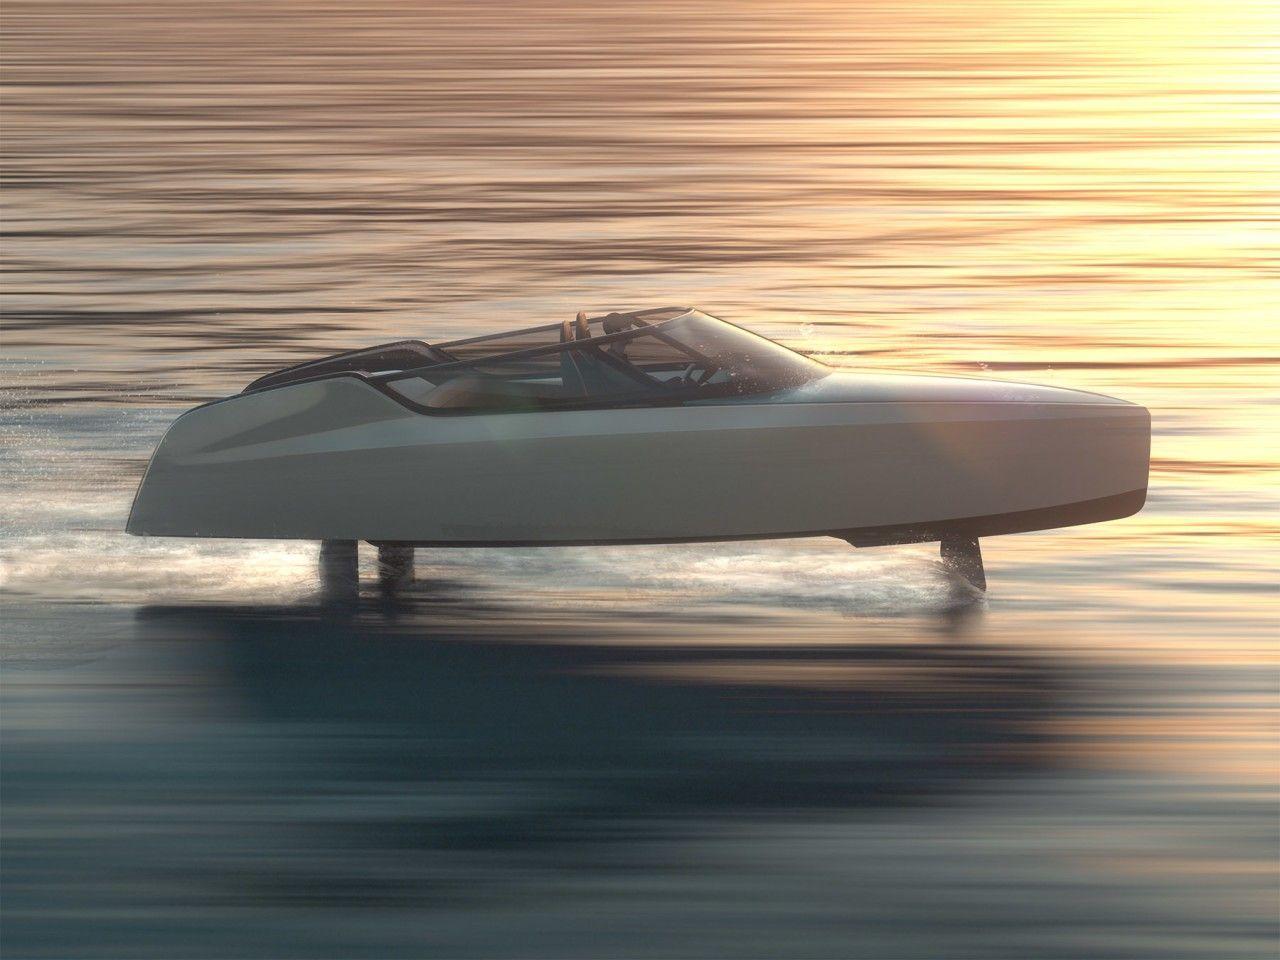 Электрический катер Edorado 8S на подводных крыльях сможет развивать скорость до 70 км/ч